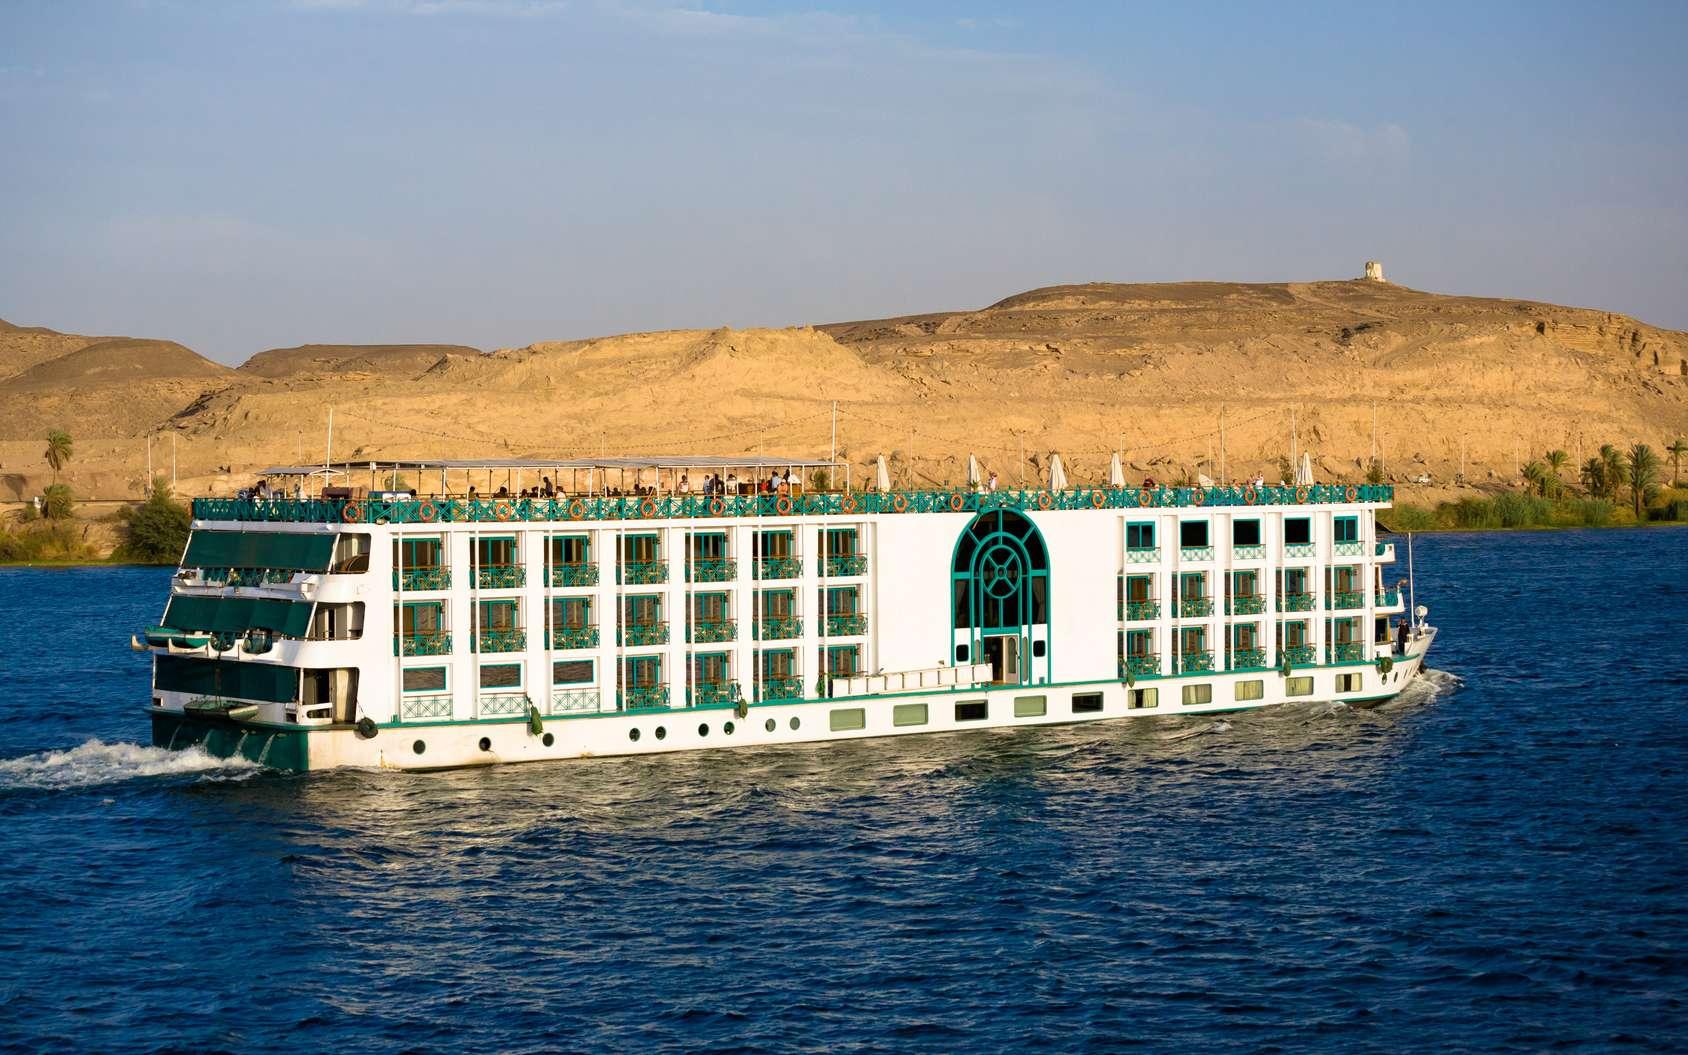 Une croisière sur le Nil en Égypte permet de découvrir les temples et constructions les plus importants du pays. © Tom, fotolia